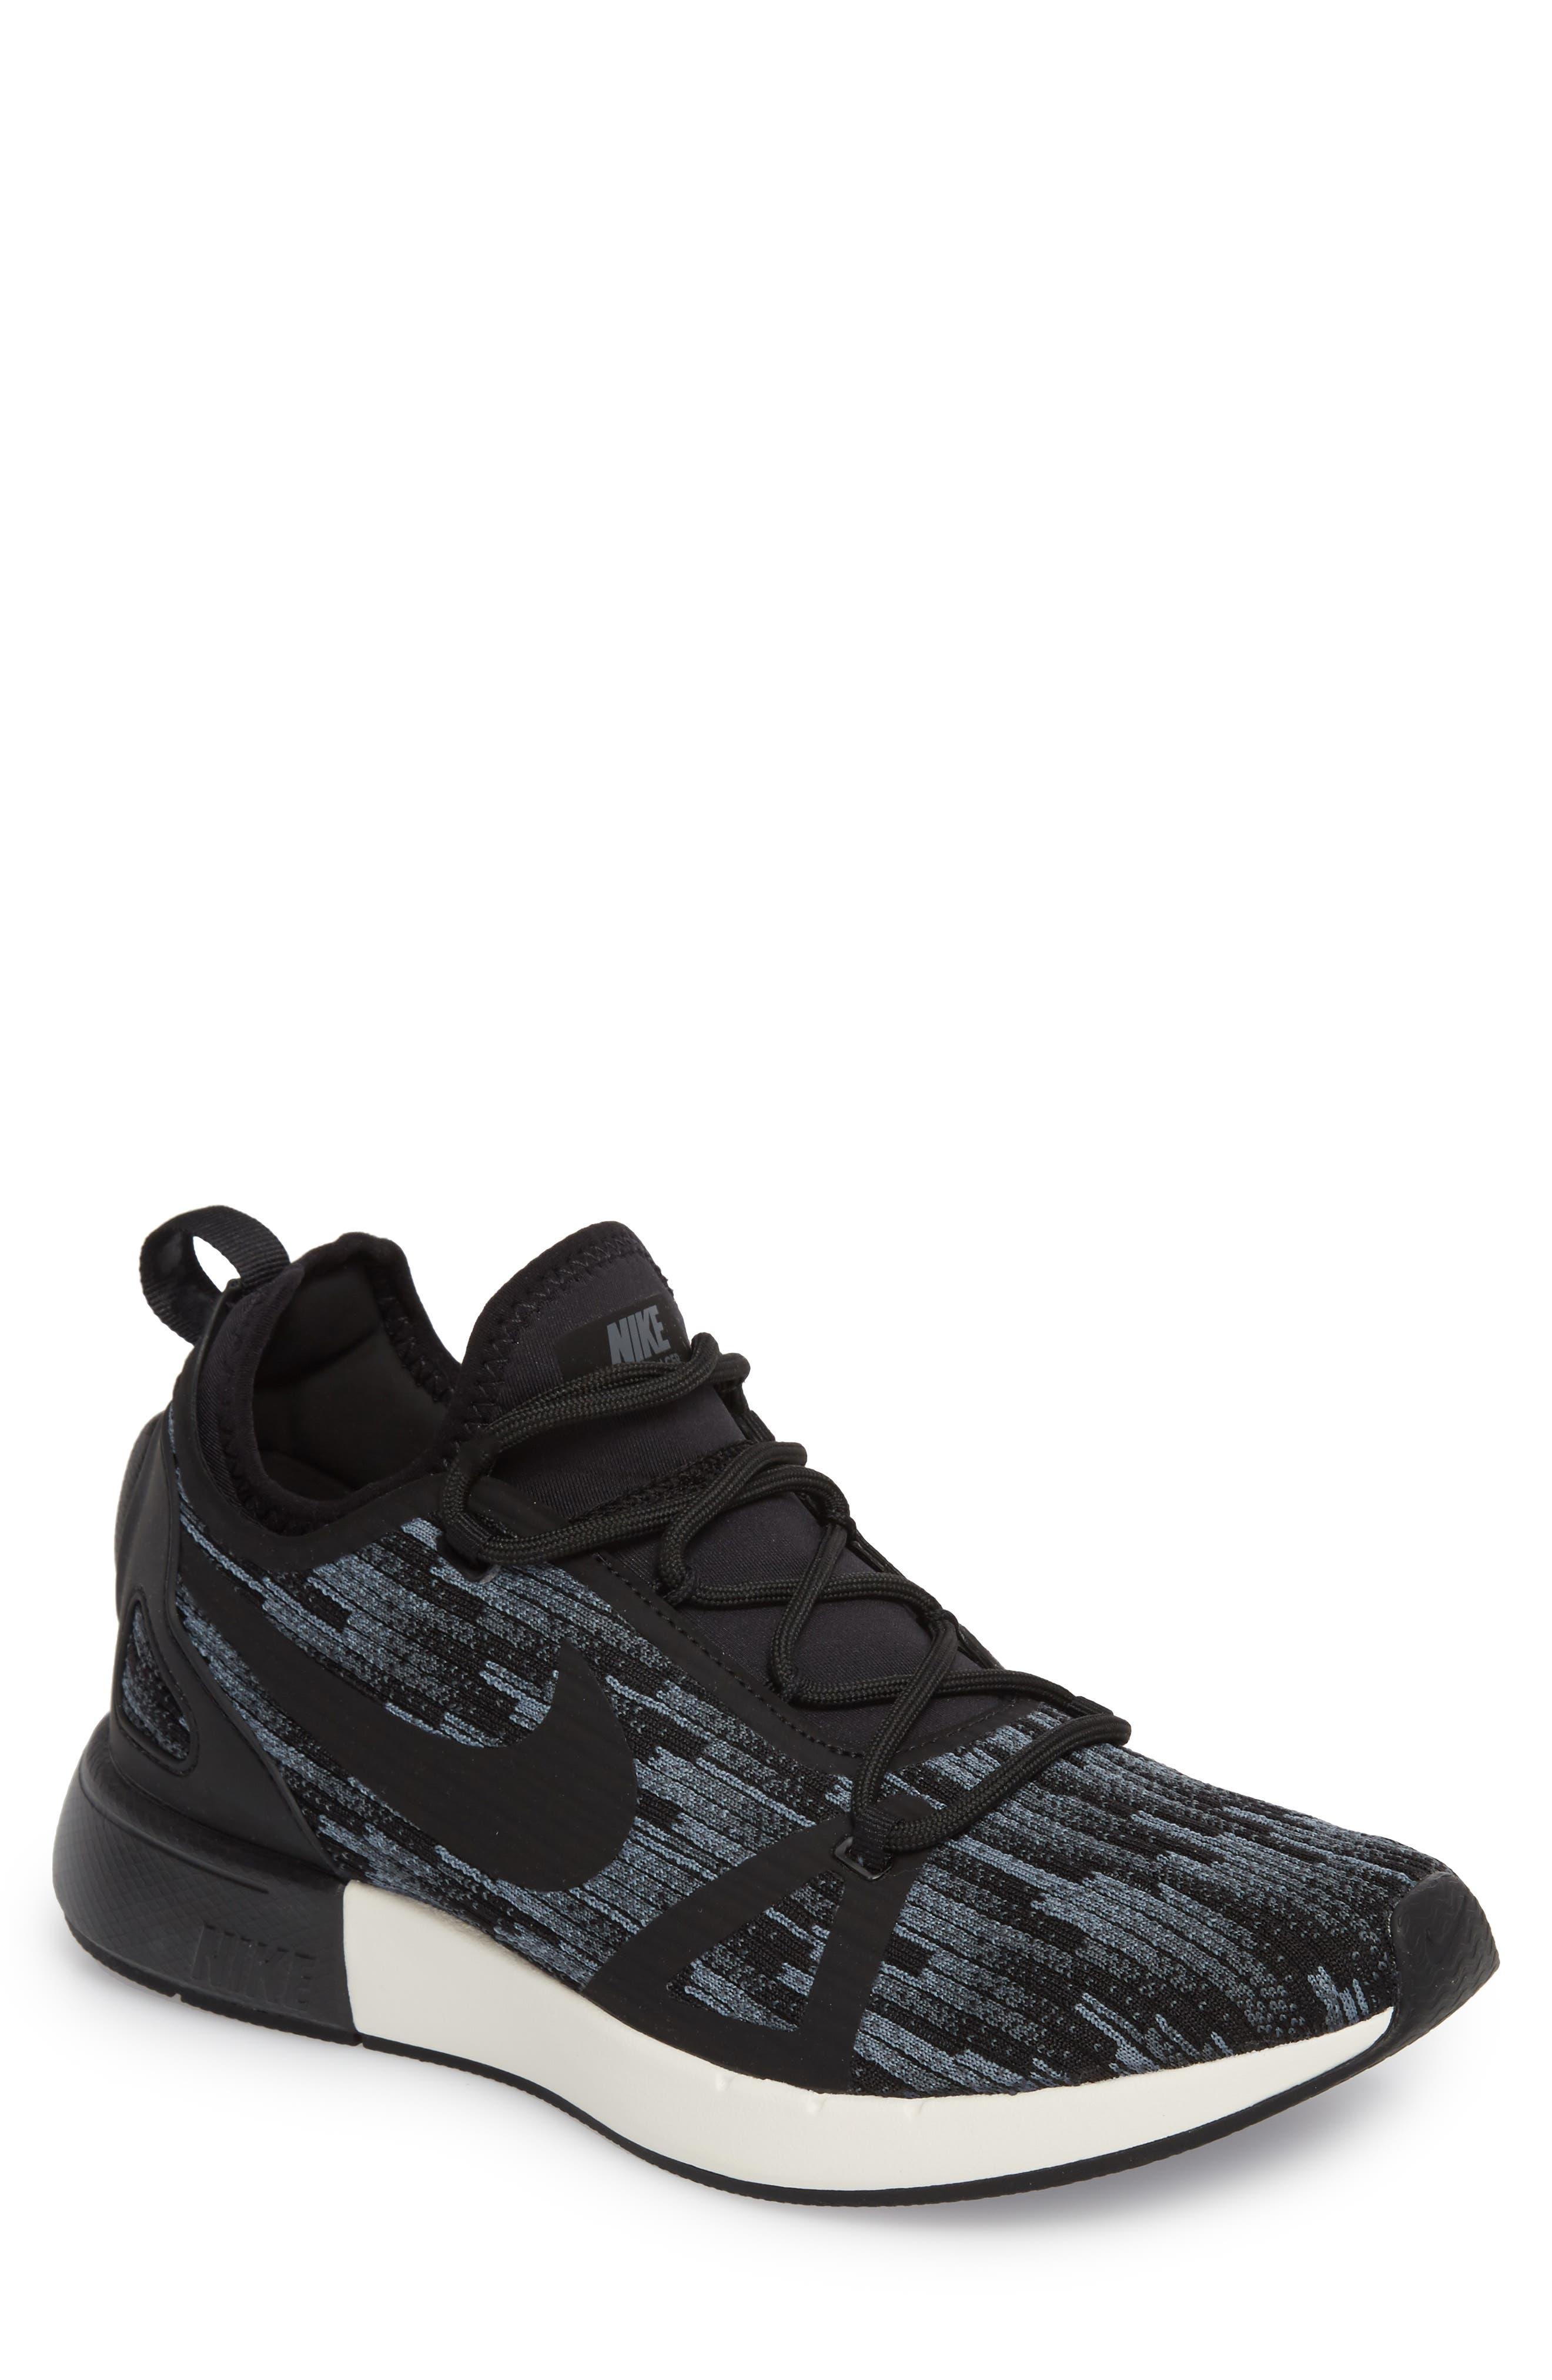 Main Image - Nike Duel Racer SE Knit Sneaker (Women)